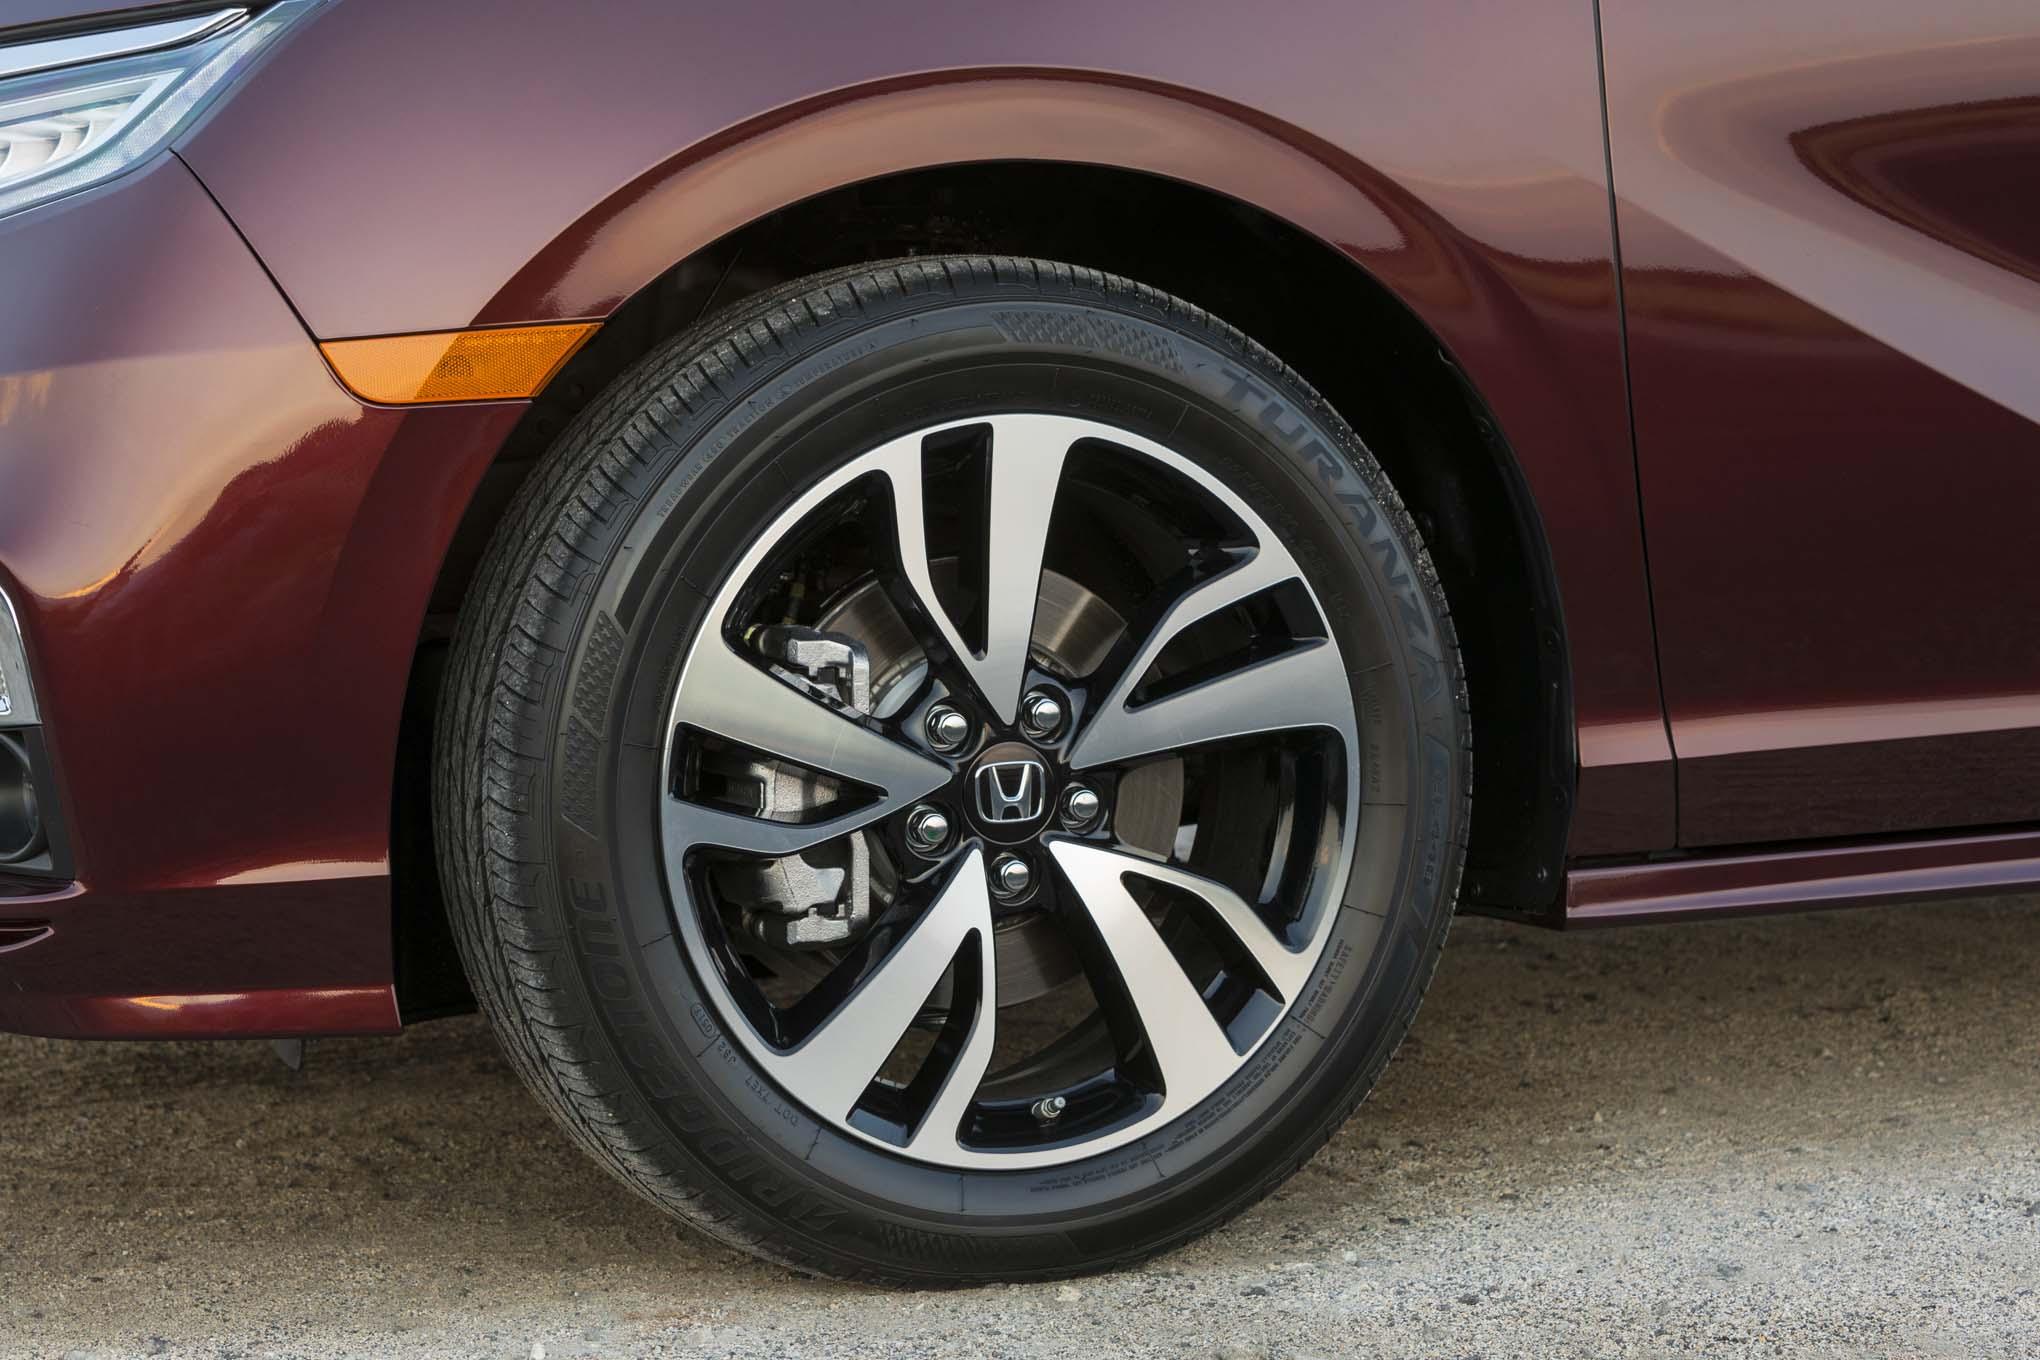 2018 Honda Odyssey Wheels